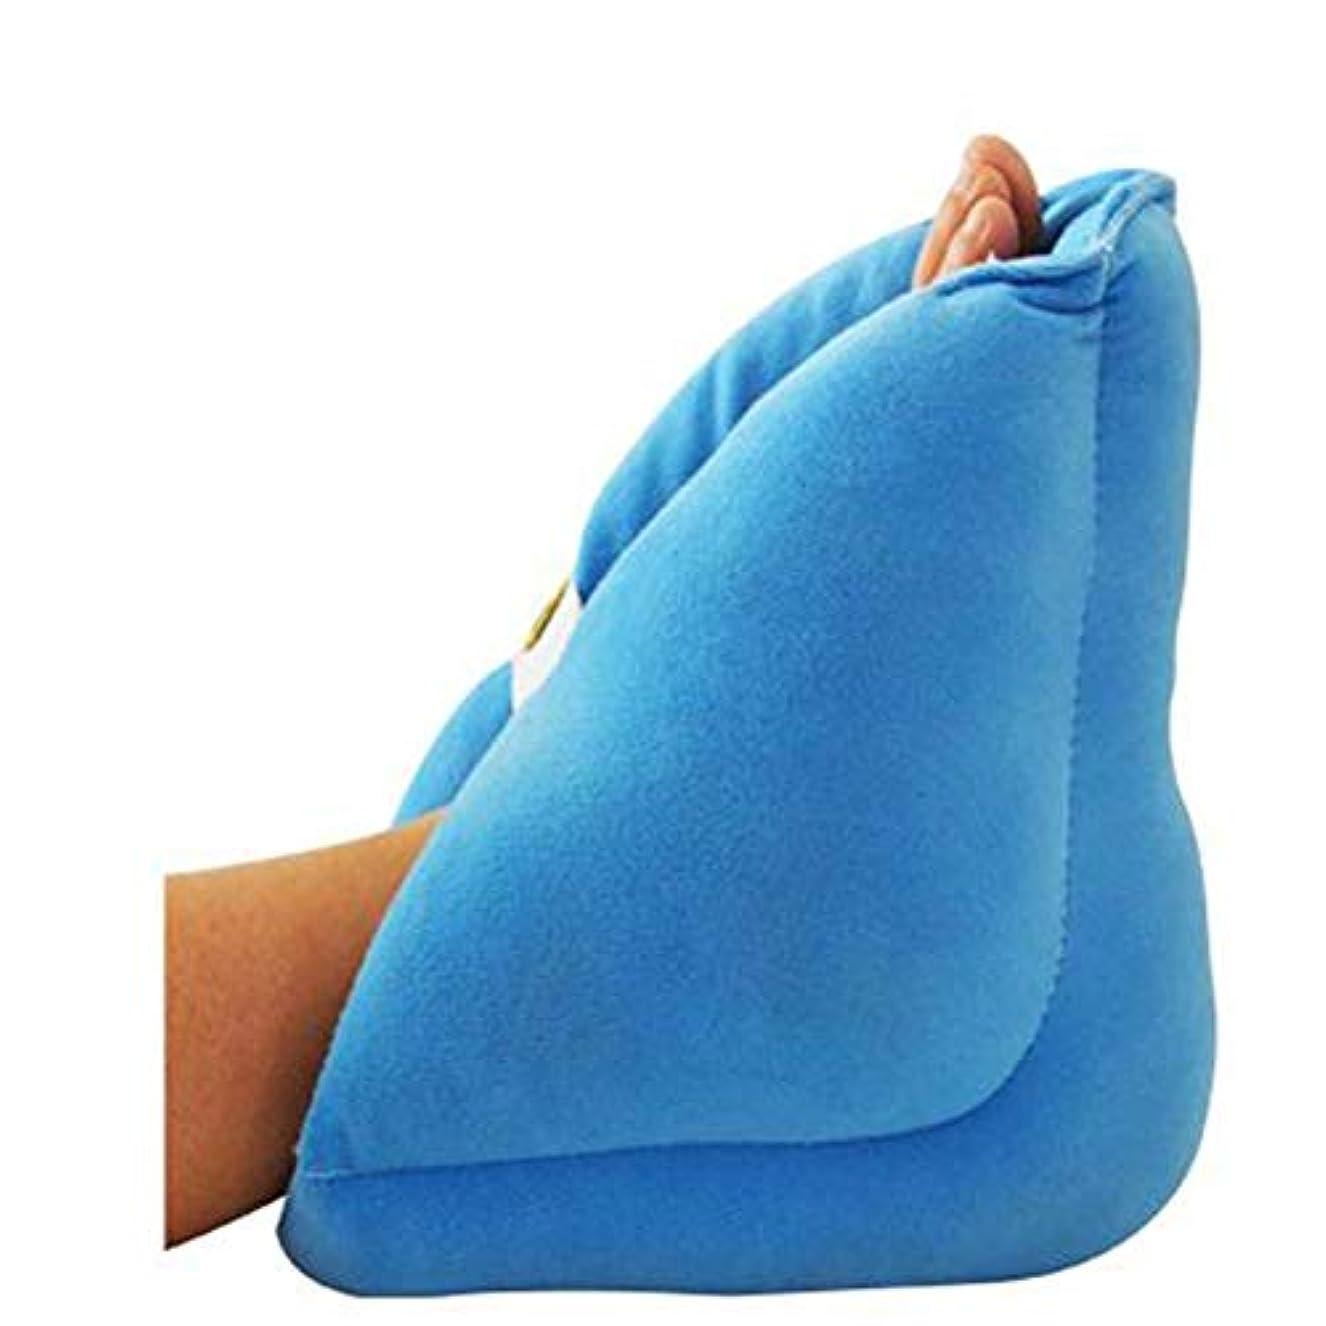 作家嬉しいです怒ってかかとプロテクター枕抗褥瘡??踵保護パッド、抗褥瘡踵パッド寝たきり患者ケア肥厚